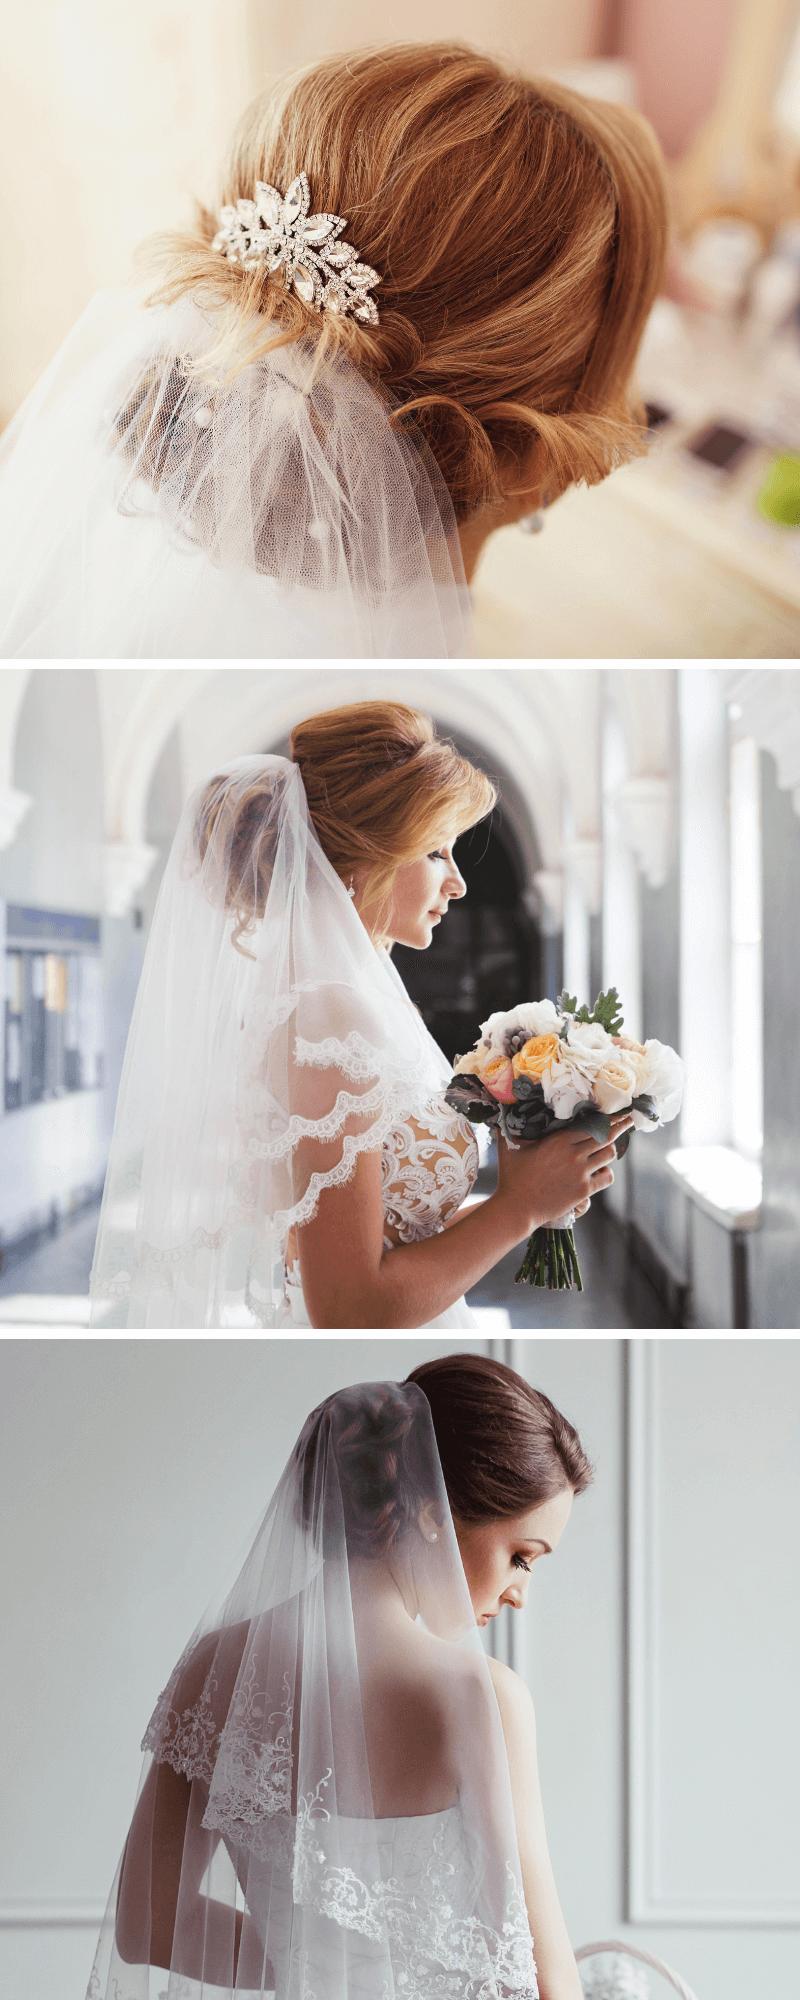 Brautfrisur Mit Schleier Hochzeitsfrisur Schleier 5 Hochzeitskiste